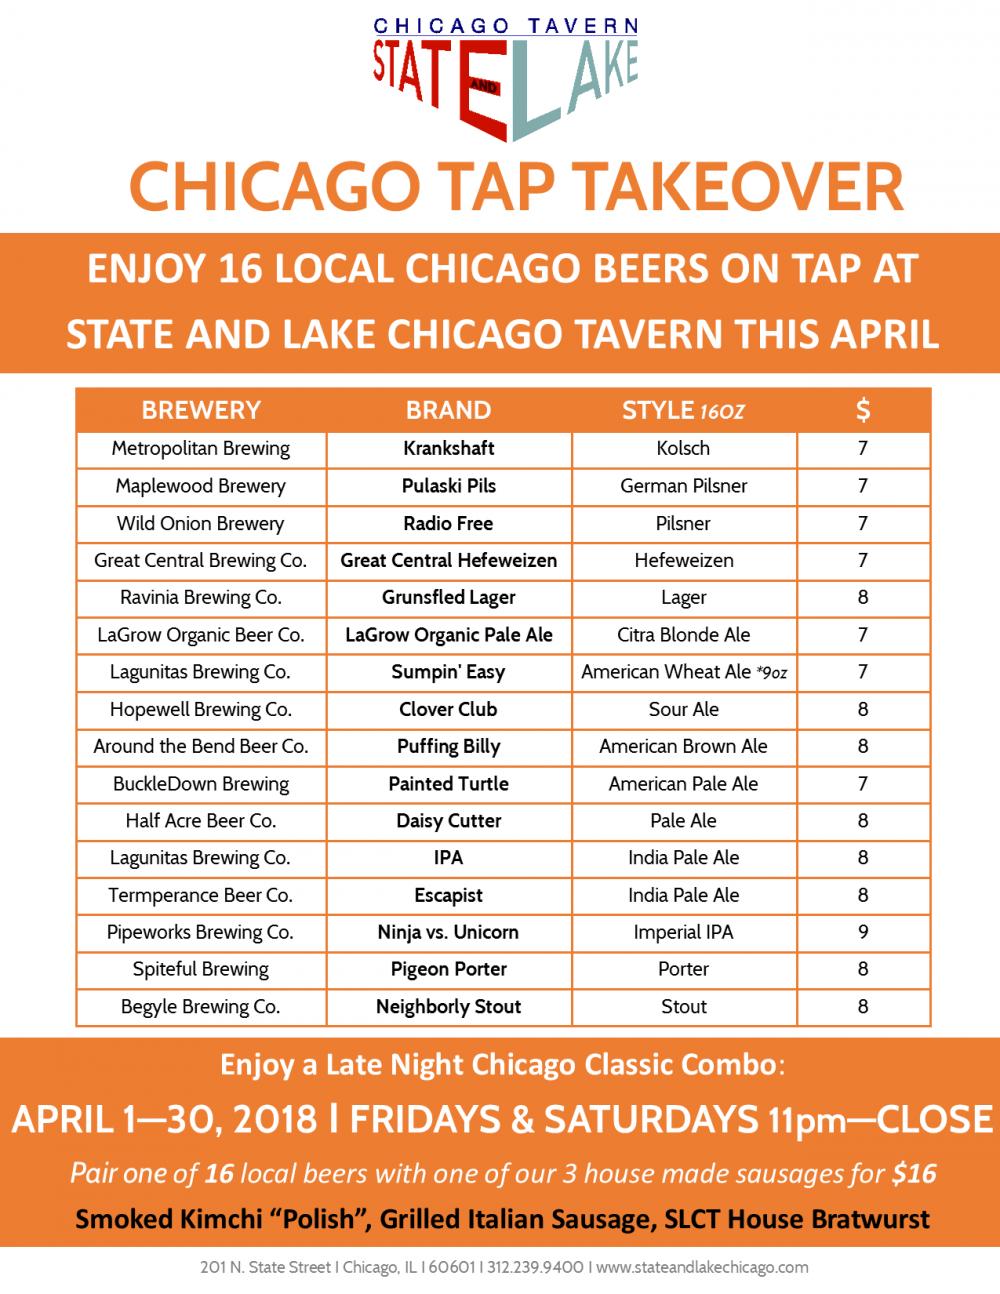 Tap Takeover Slct April 2018